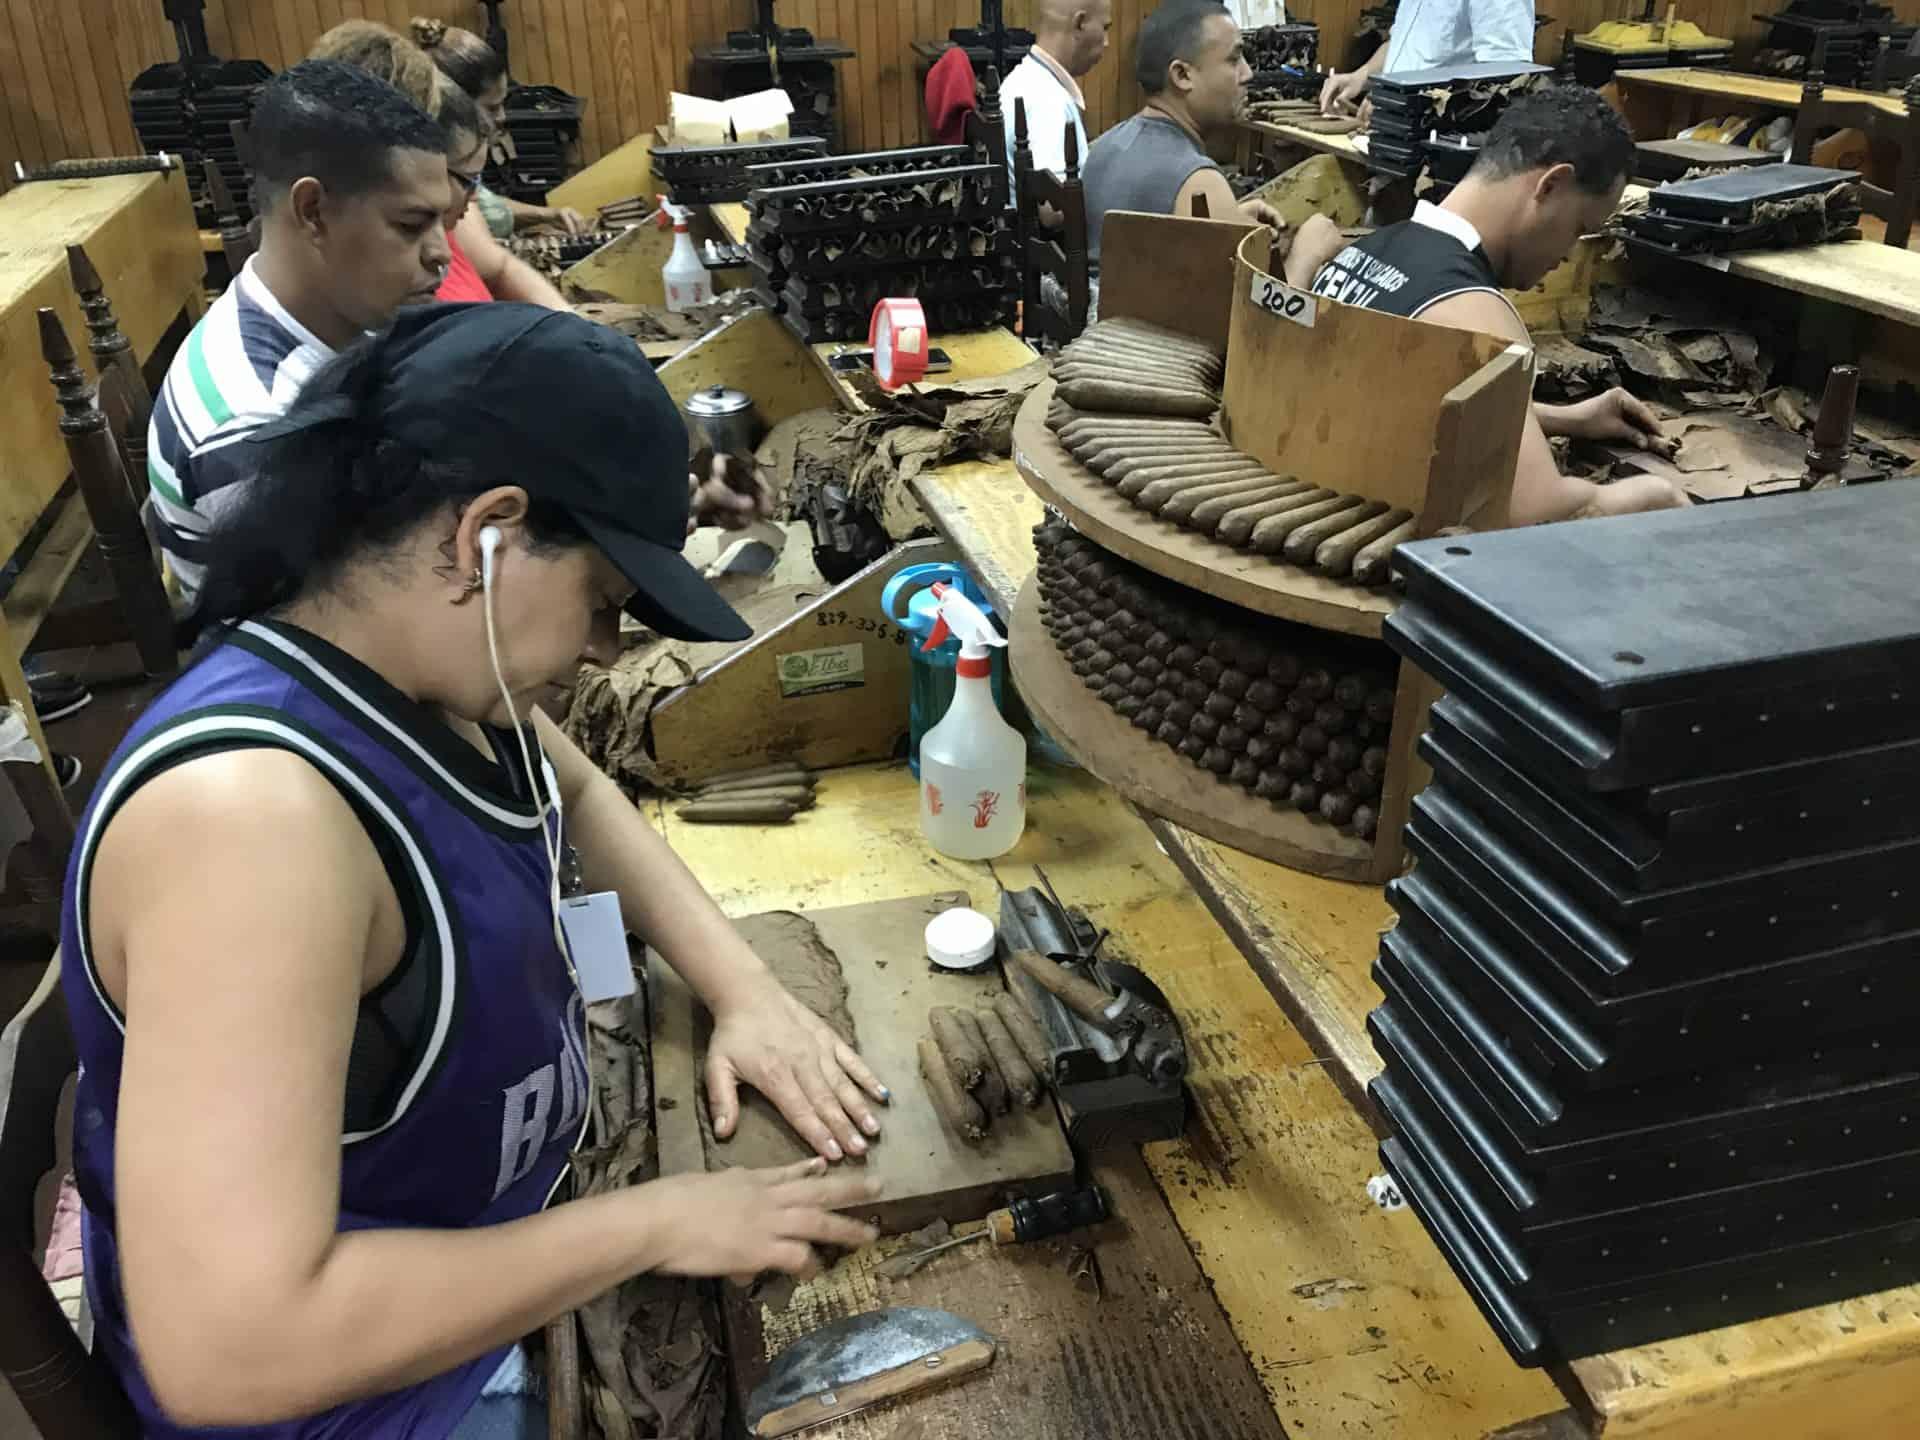 Handarbeit ist entscheidend in der Zigarrenherstellung